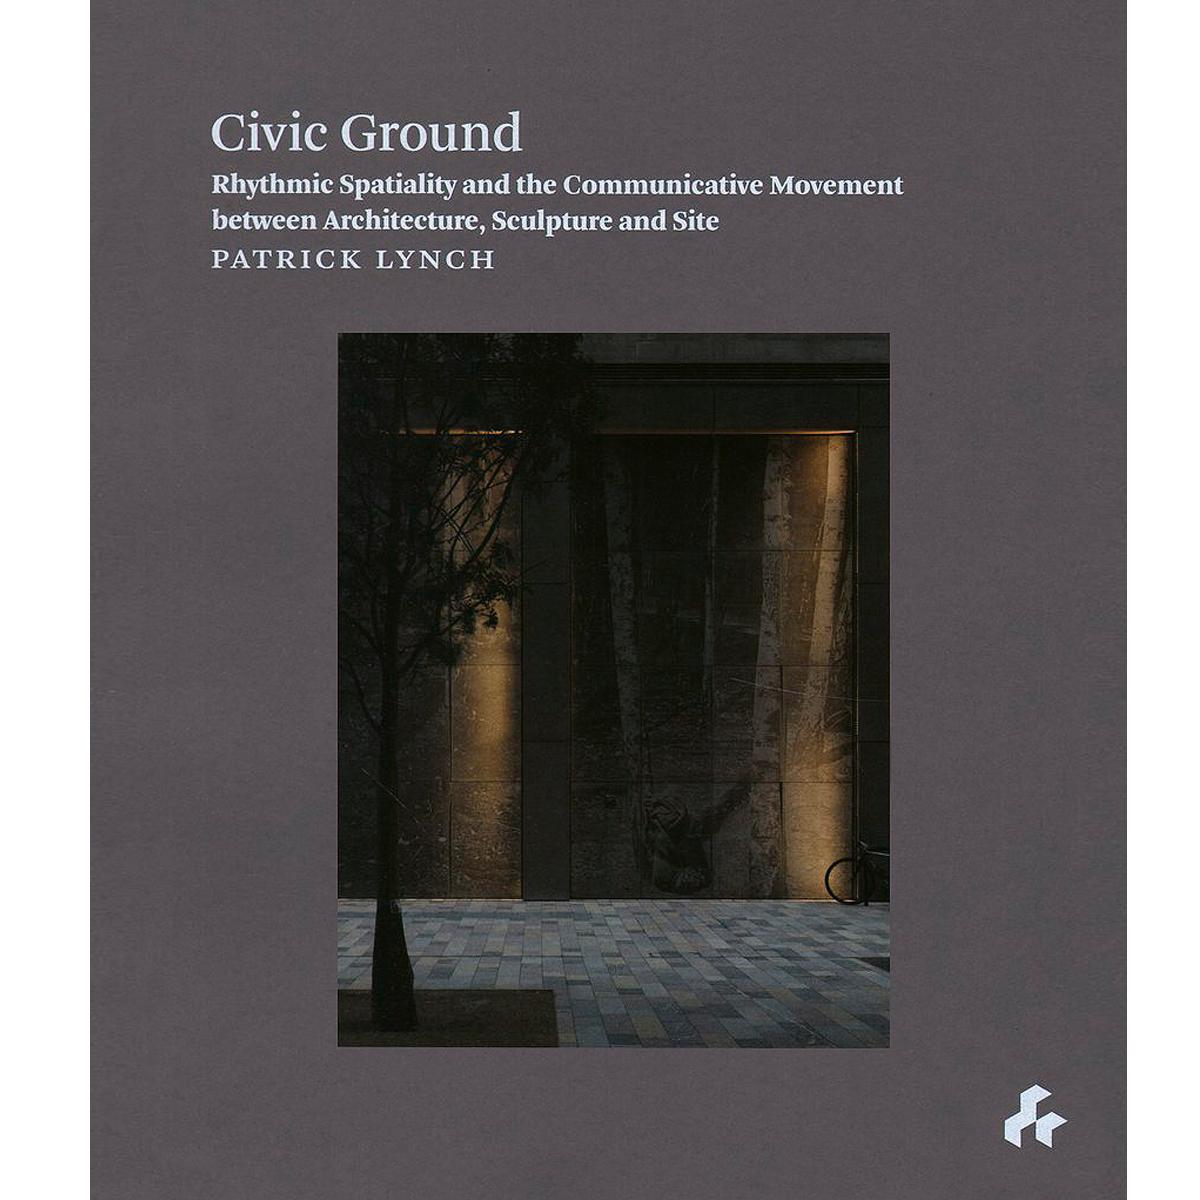 Civic Ground